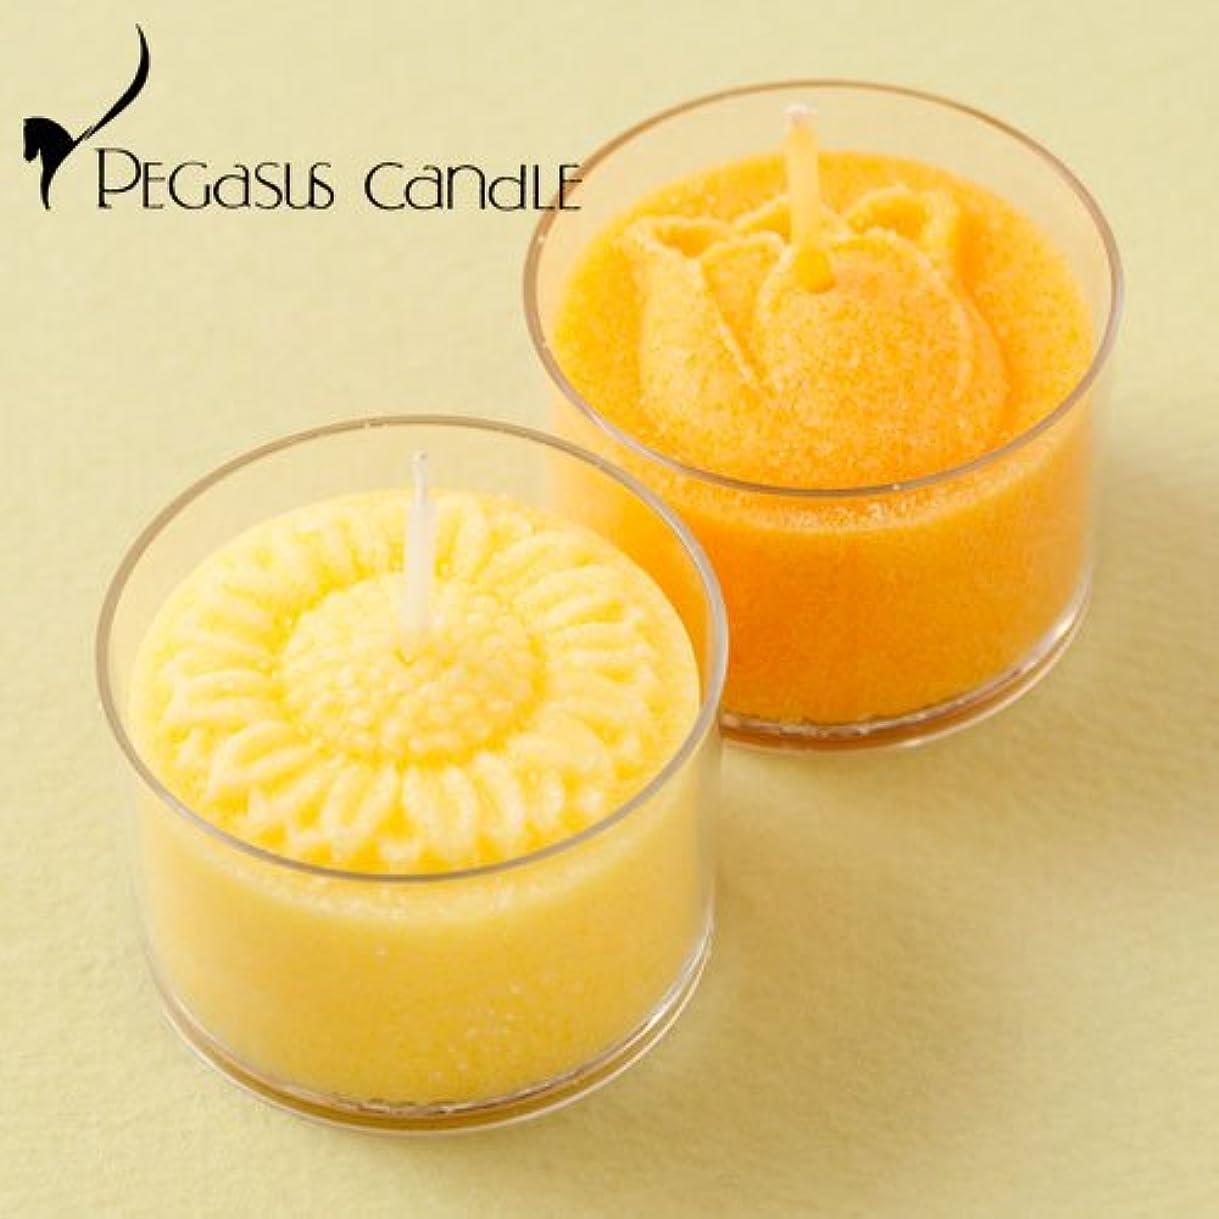 病なひどく派生する花暦ヒマワリ?チューリップ花の形のキャンドル2個セット(無香タイプ)ペガサスキャンドルFlower shaped candle